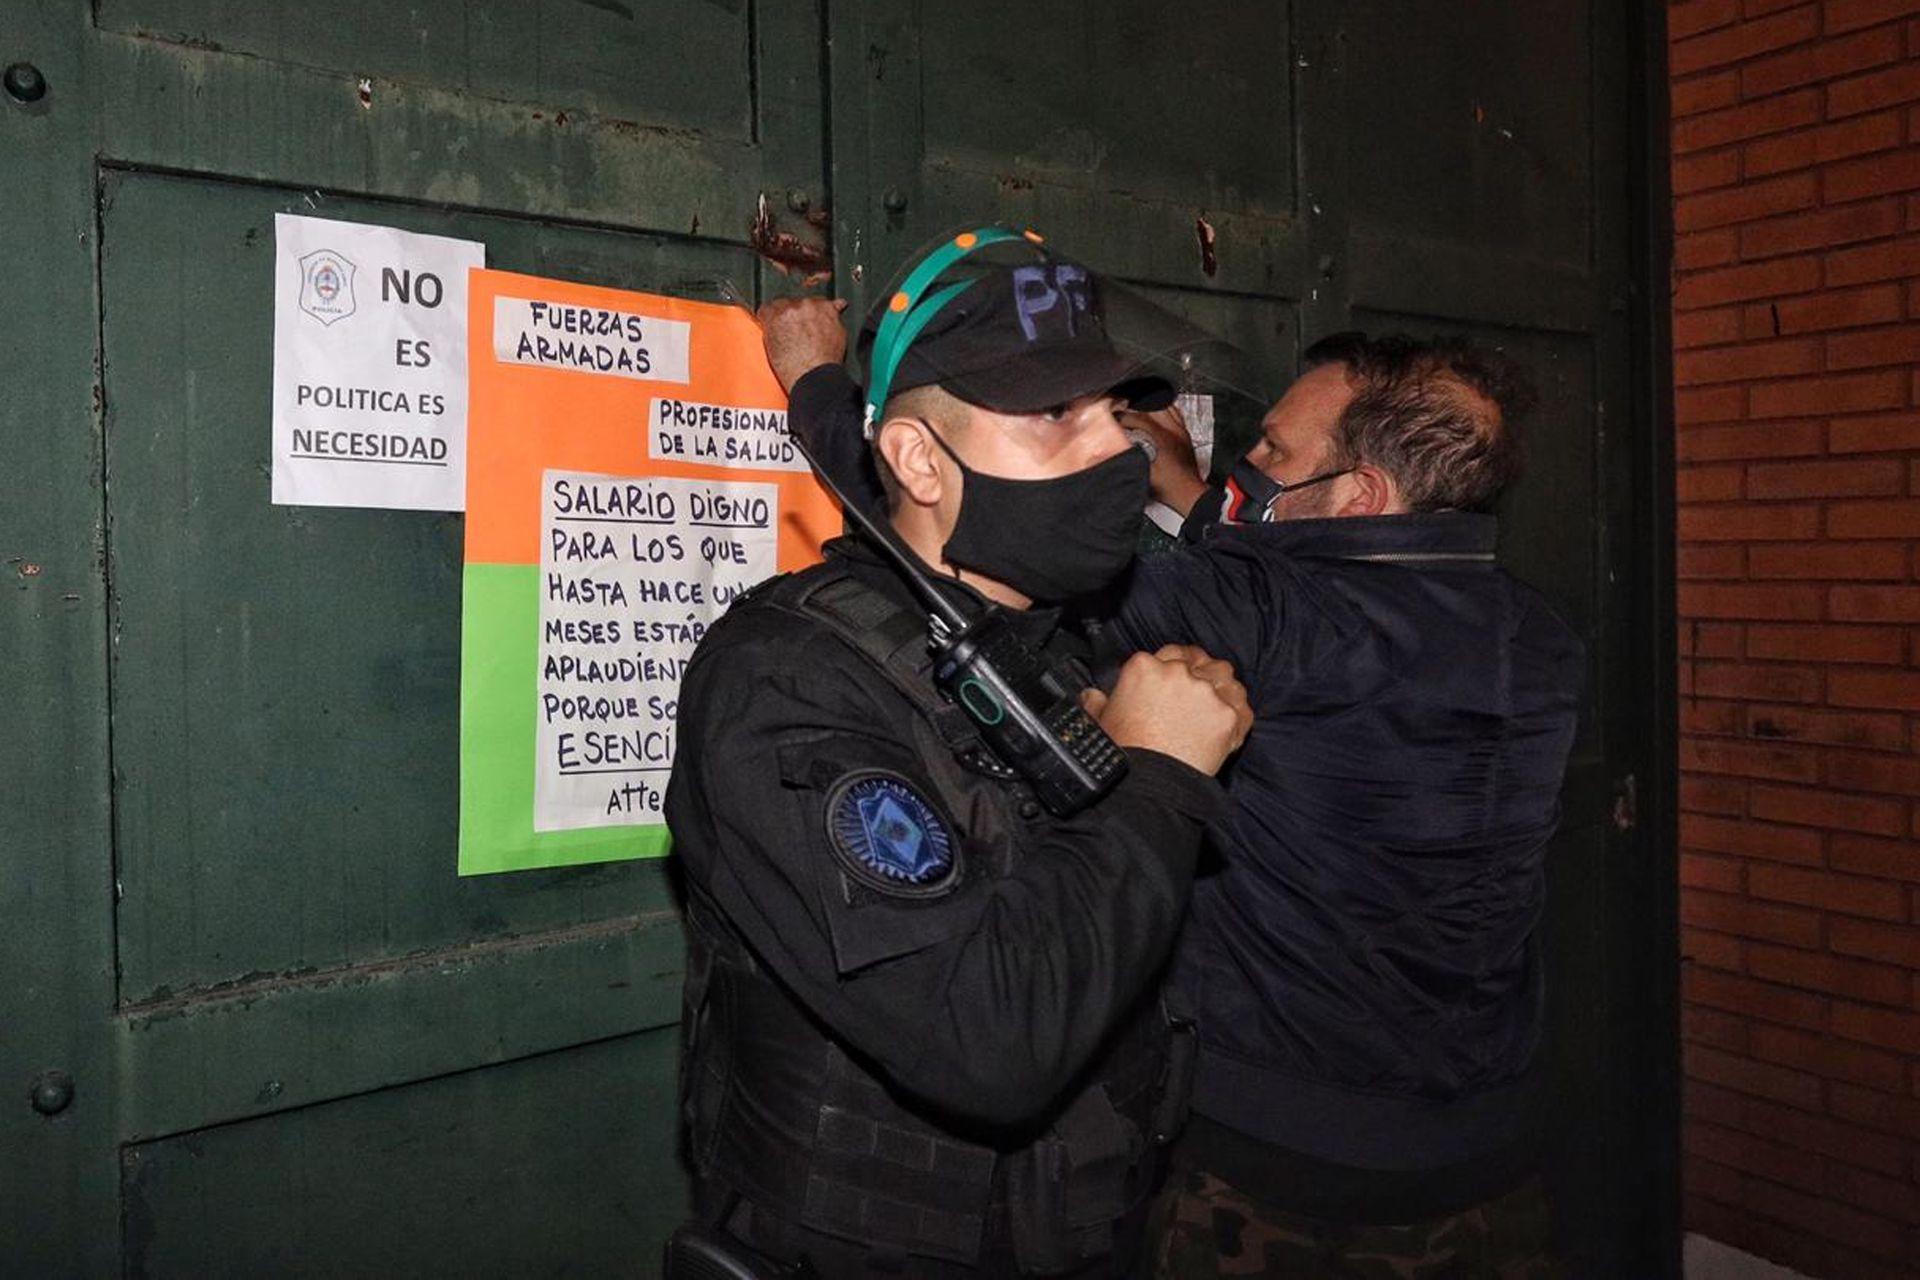 Un grupo de manifestantes se movilizó hasta la Quinta de Olivos en apoyo a Alberto Fernández